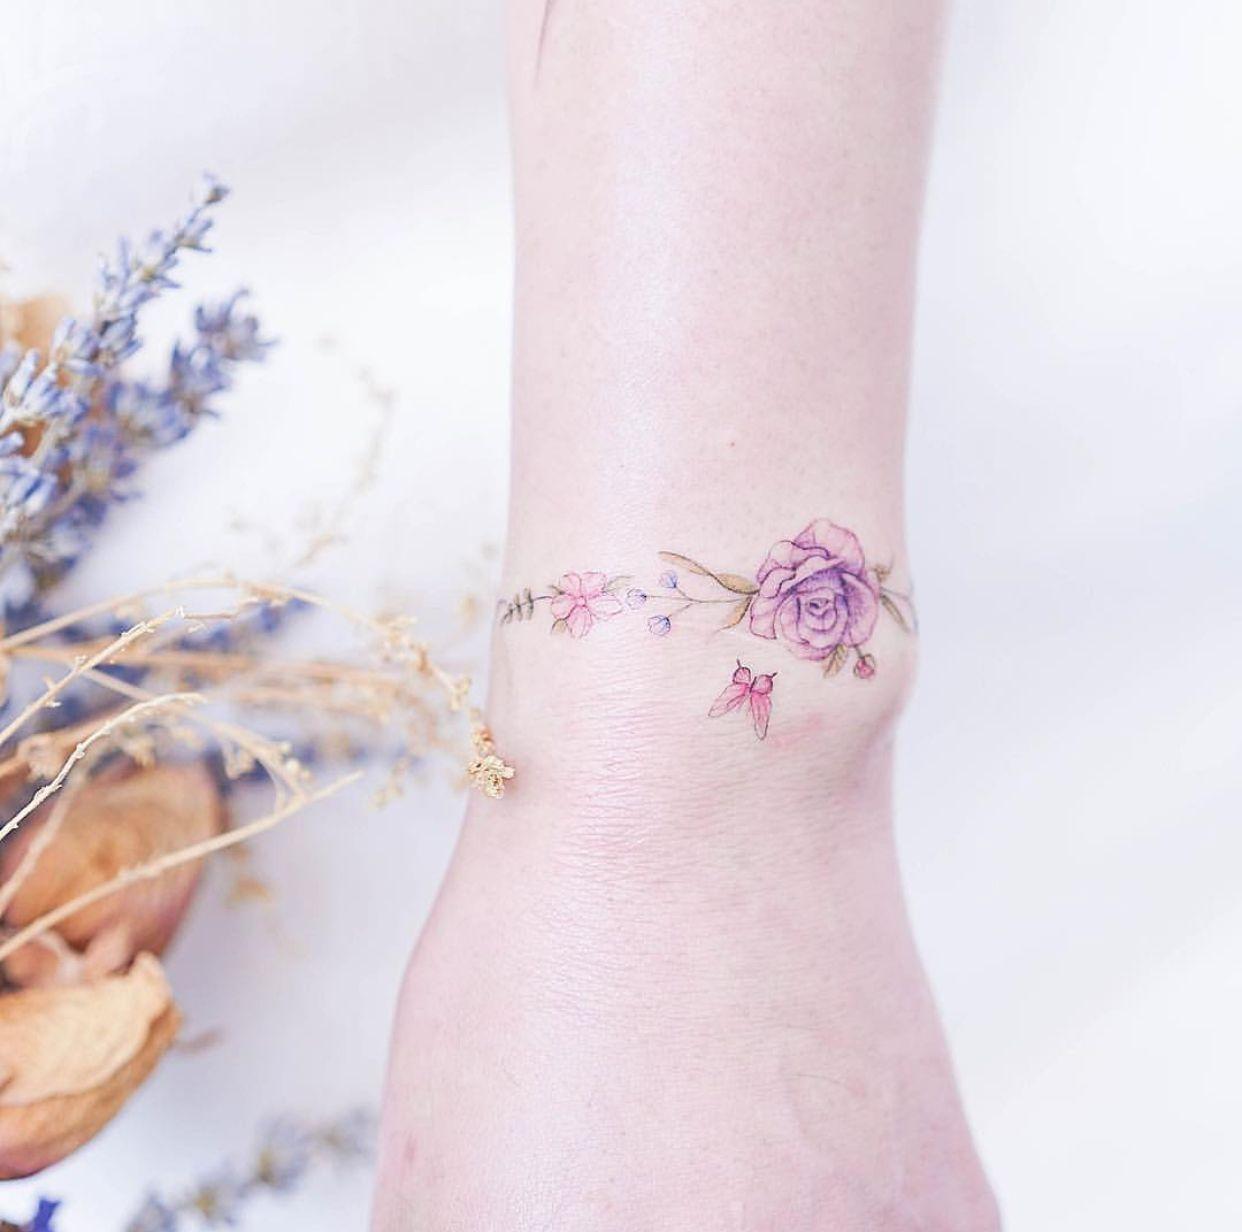 Rose Bracelet Tattoo Hk Tattoos For Women Wrist Bracelet Tattoo Tattoos For Women Flowers